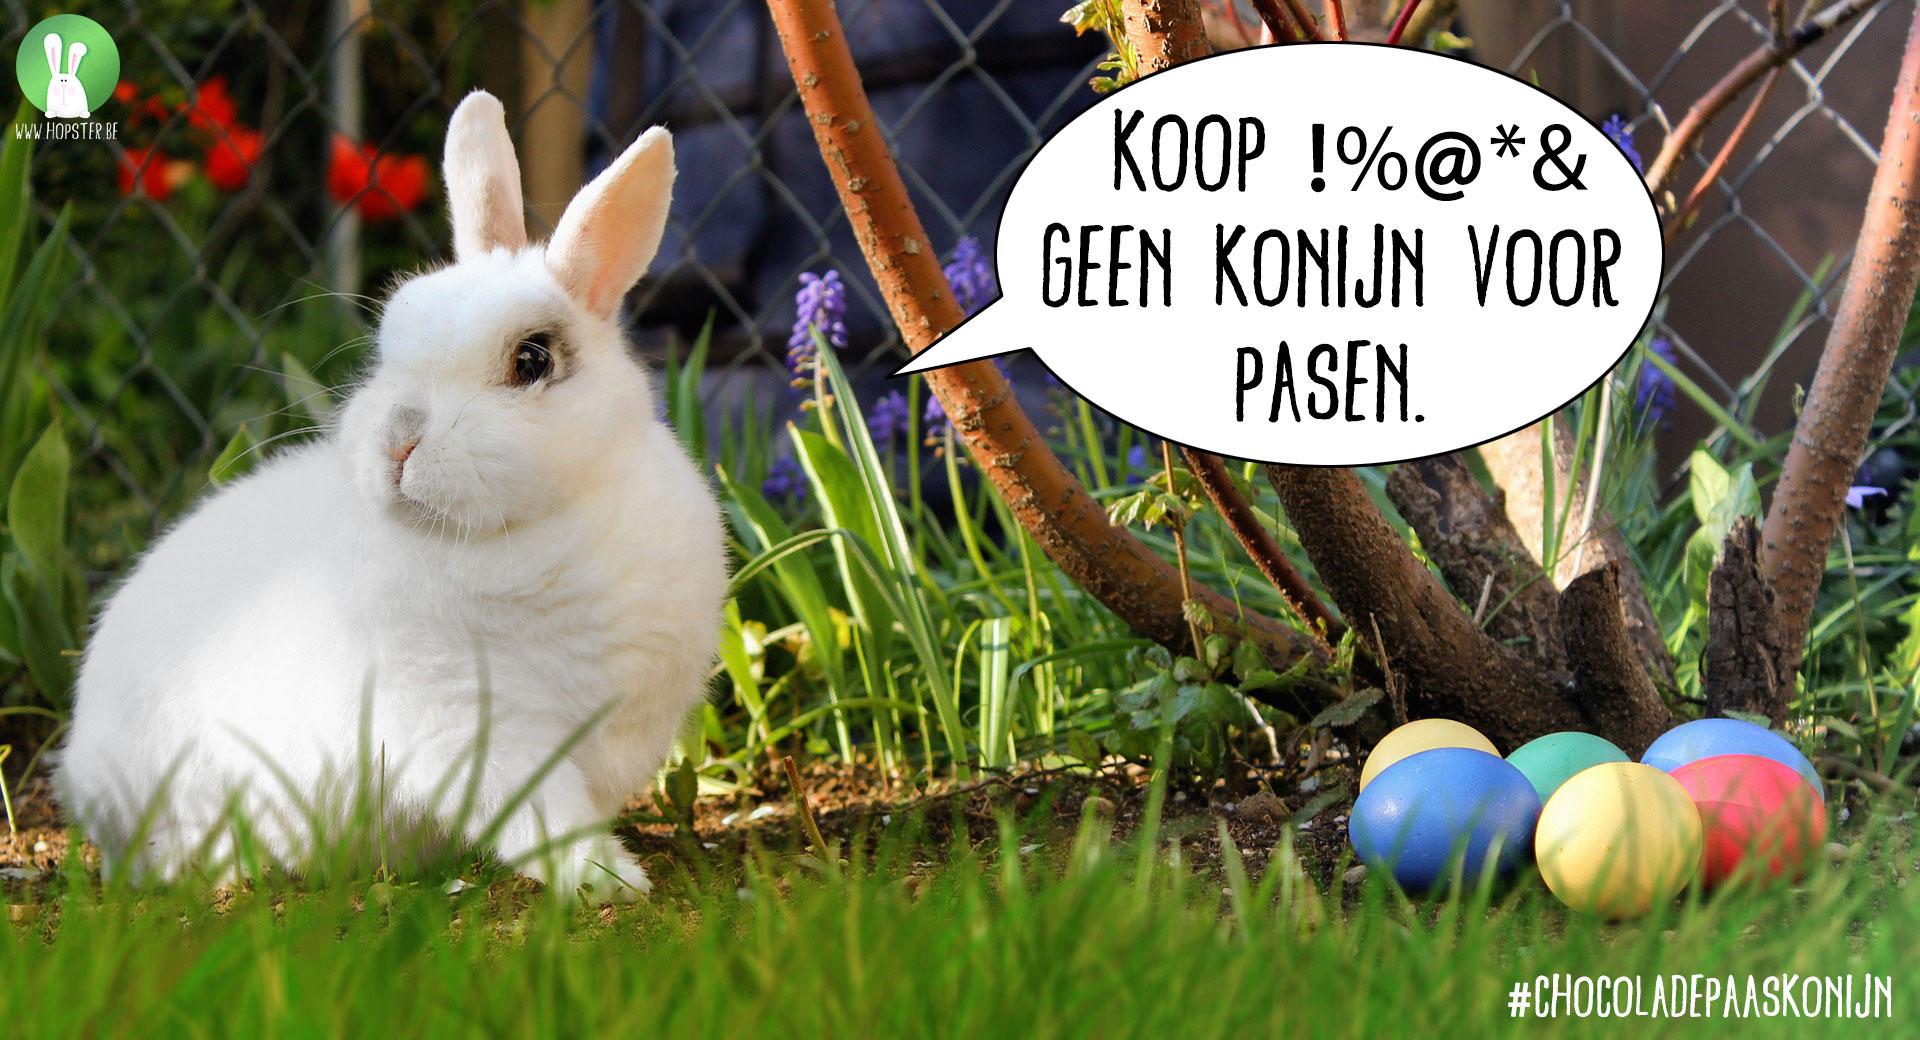 Konijn kopen voor Pasen? | Konijnenadviesbureau Hopster